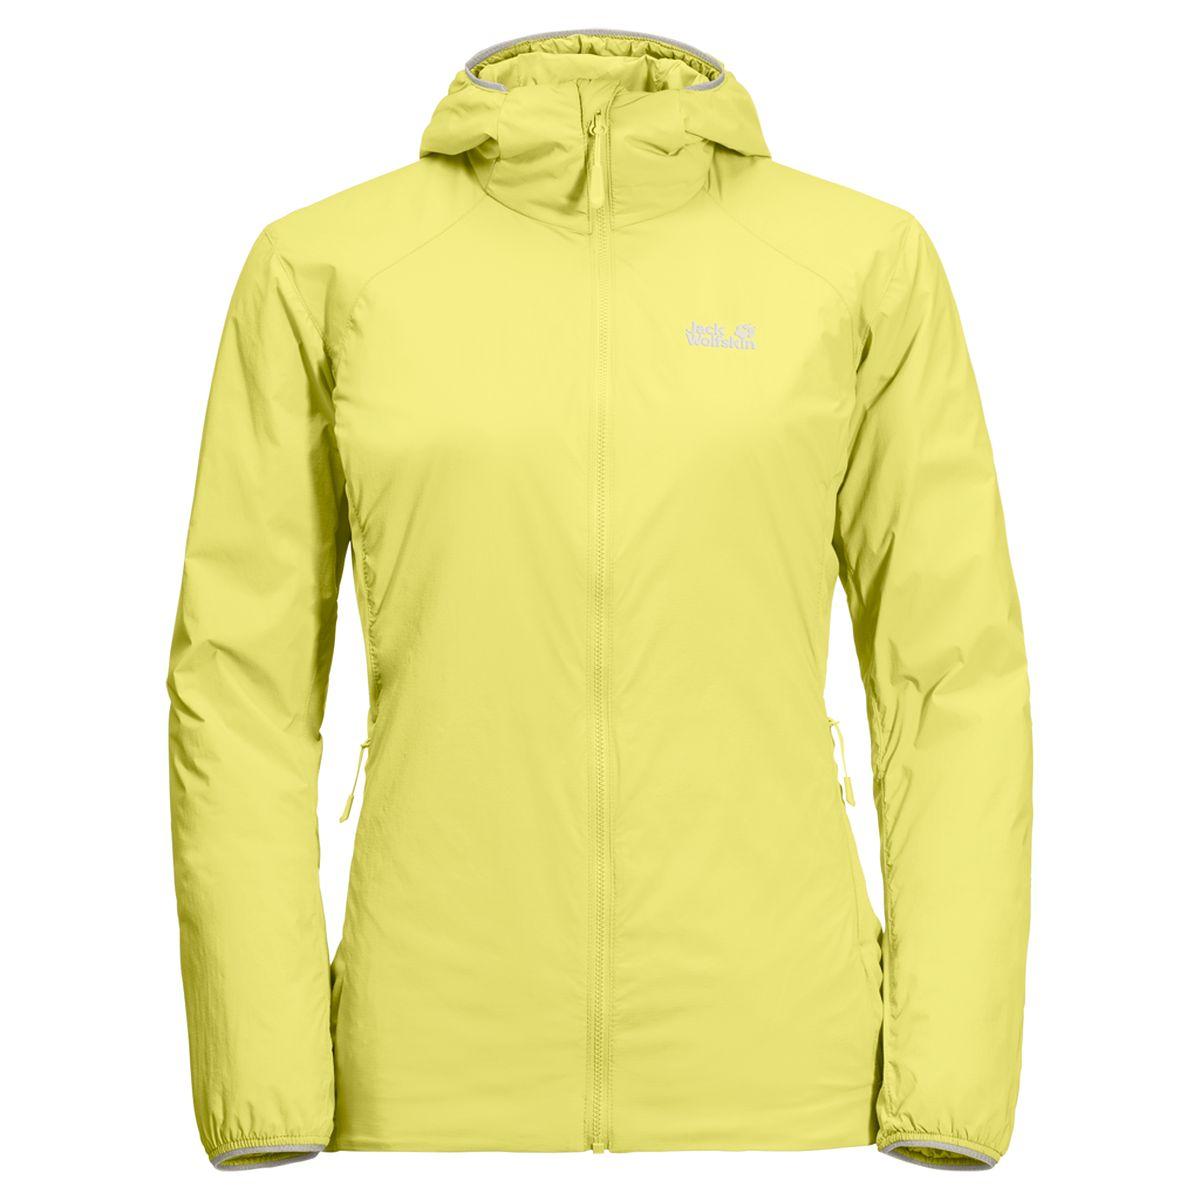 Куртка женская Jack Wolfskin Opouri Peak Jacket W, цвет: лимонный. 1204591-3075. Размер S (44)1204591-3075После изнуряющего покорения нескольких сотен метров крутой тропы вы наконец добираетесь до вершины. Там сильный ветер, поэтому пора вытаскивать из рюкзака вашу OPOURI PEAK (ОПУРИ ПИК). Эта легкая куртка утепленная и защищает от ветра. То что нужно в горах, особенно при интенсивном движении. Экологически безопасный синтетический утеплитель куртки обеспечивает базовый уровень теплоизоляции. Снаружи его защищает особая ветронепроницаемая мембранная ткань, что способствует еще более эффективному сохранению тепла. Куртка настолько легкая и компактная в сложенном виде, что она запросто поместится в вашу сумку на пояс. А еще она идет в комплекте с удобным маленьким чехлом Эластичные вставки по бокам придутся очень кстати во время энергичных занятий. OPOURI PEAK JACKET (ОПУРИ ПИК ДЖЭКЕТ);можно носить отдельно и брать с собой в качестве запасной теплой куртки для привала. В сырую погоду вы можете носить ее под непромокаемой курткой.